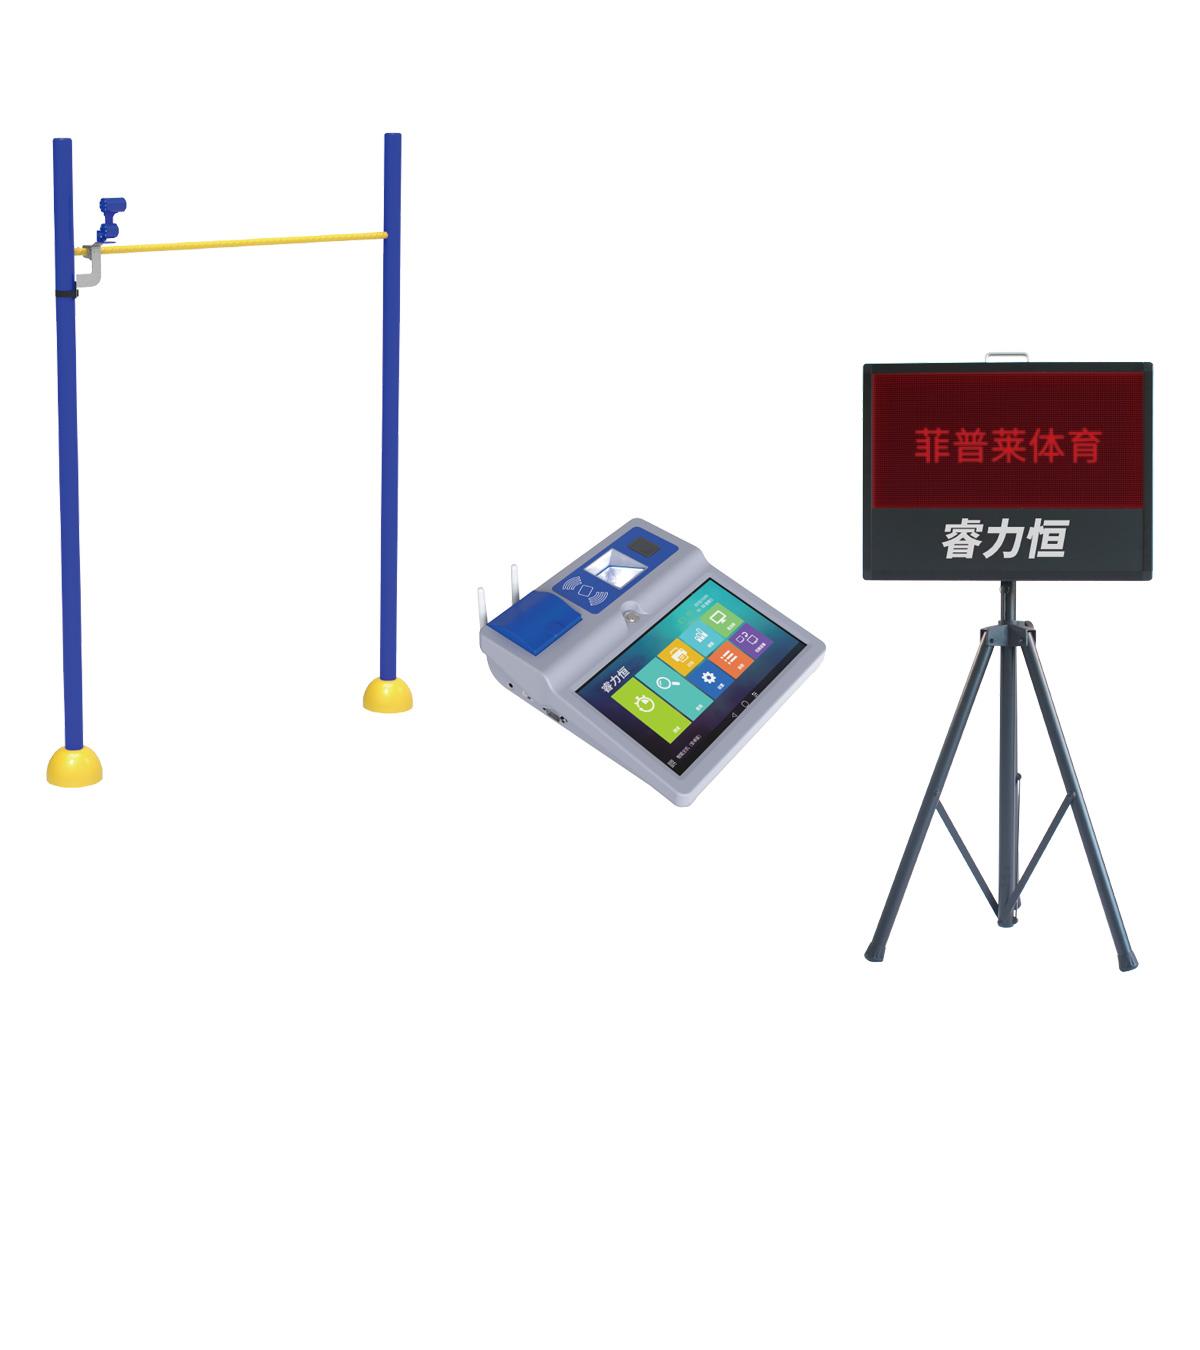 引体向上测试仪(红外版)